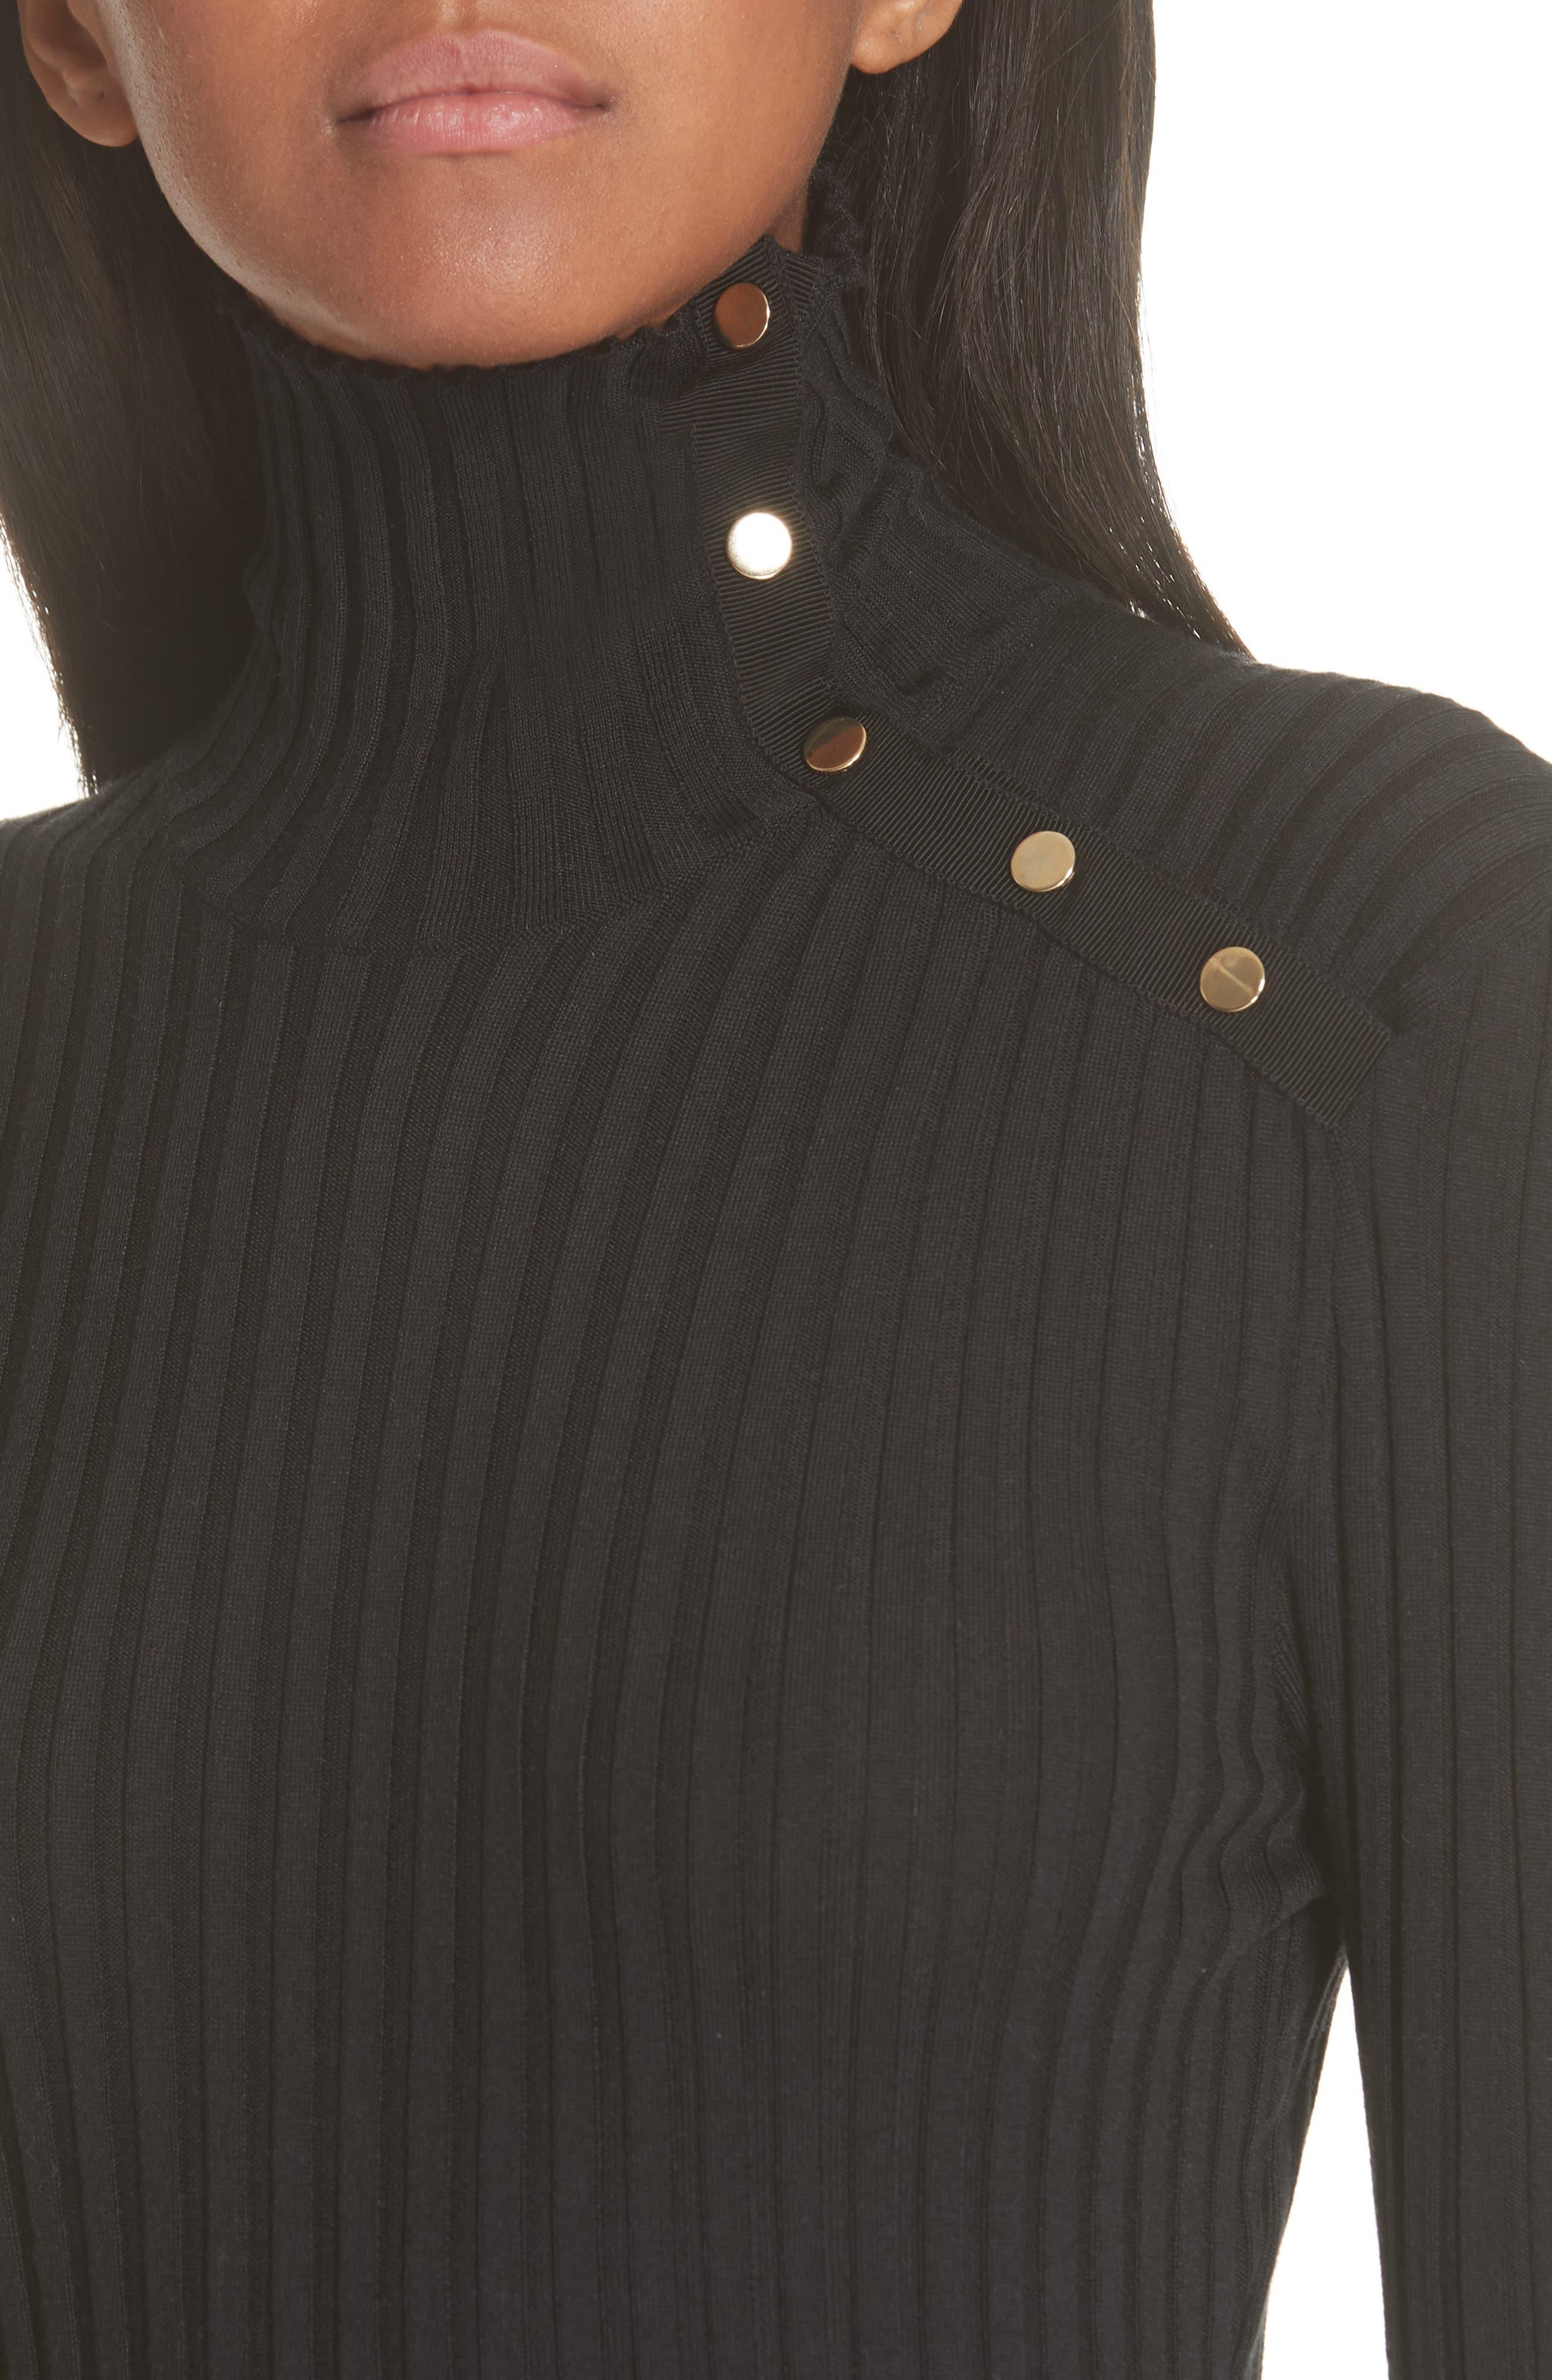 Snap Neck Rib Knit Sweater Dress,                             Alternate thumbnail 4, color,                             001